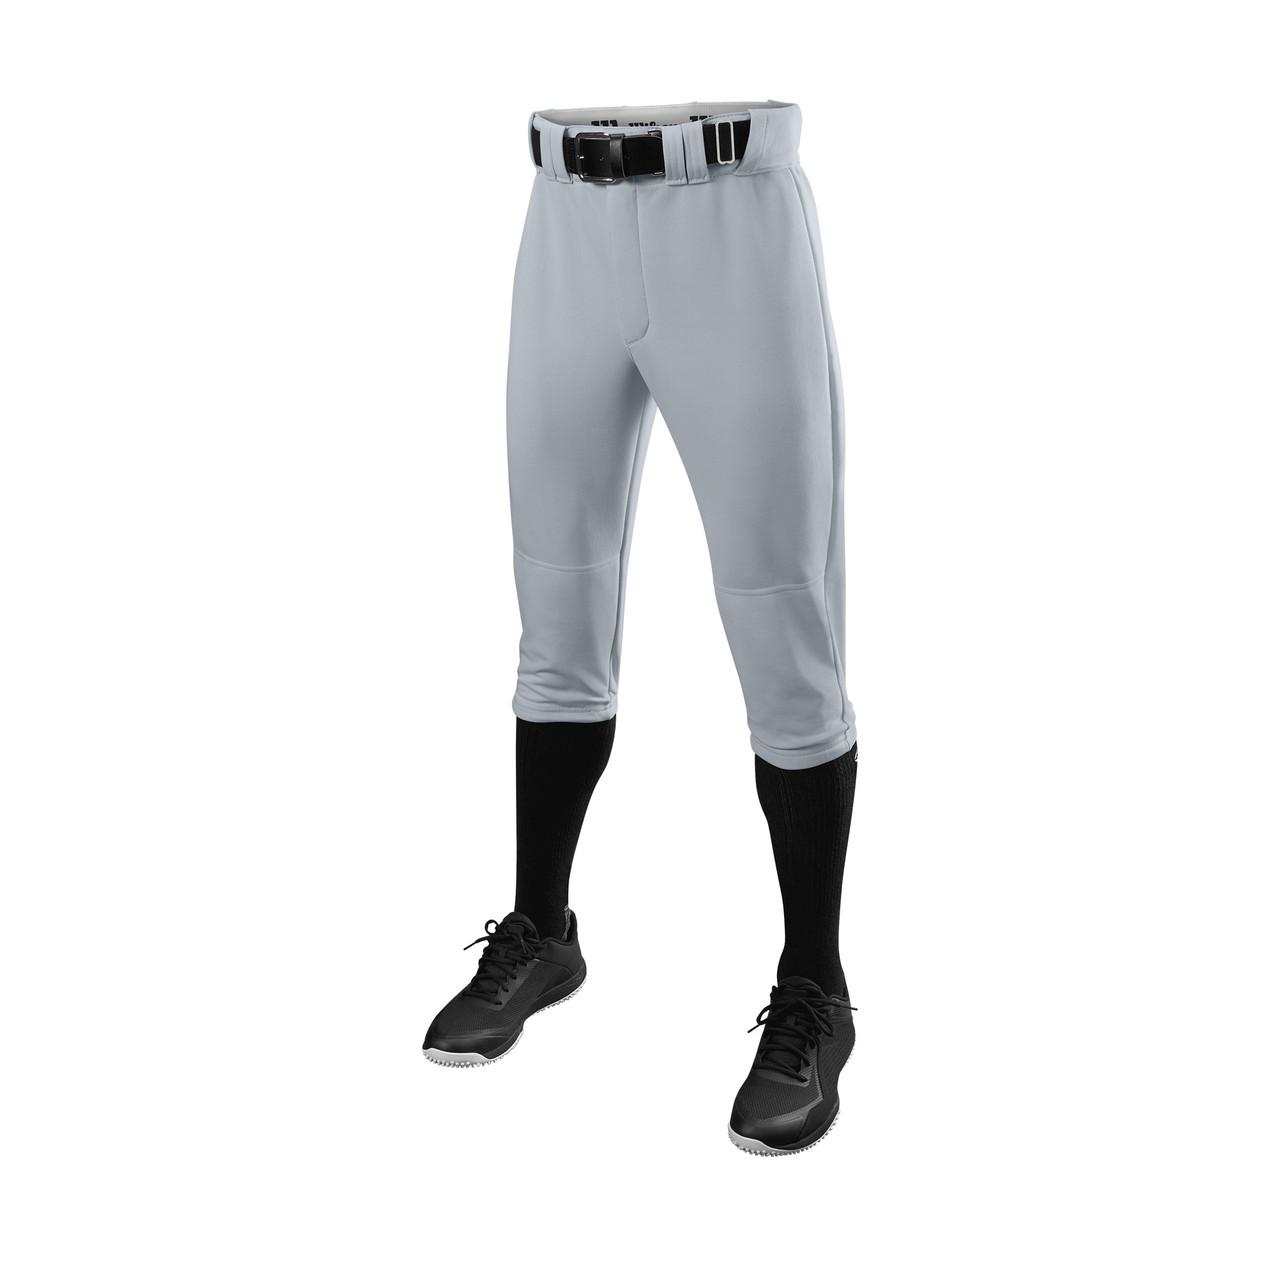 Wilson Men's Knicker P203K Baseball Pant